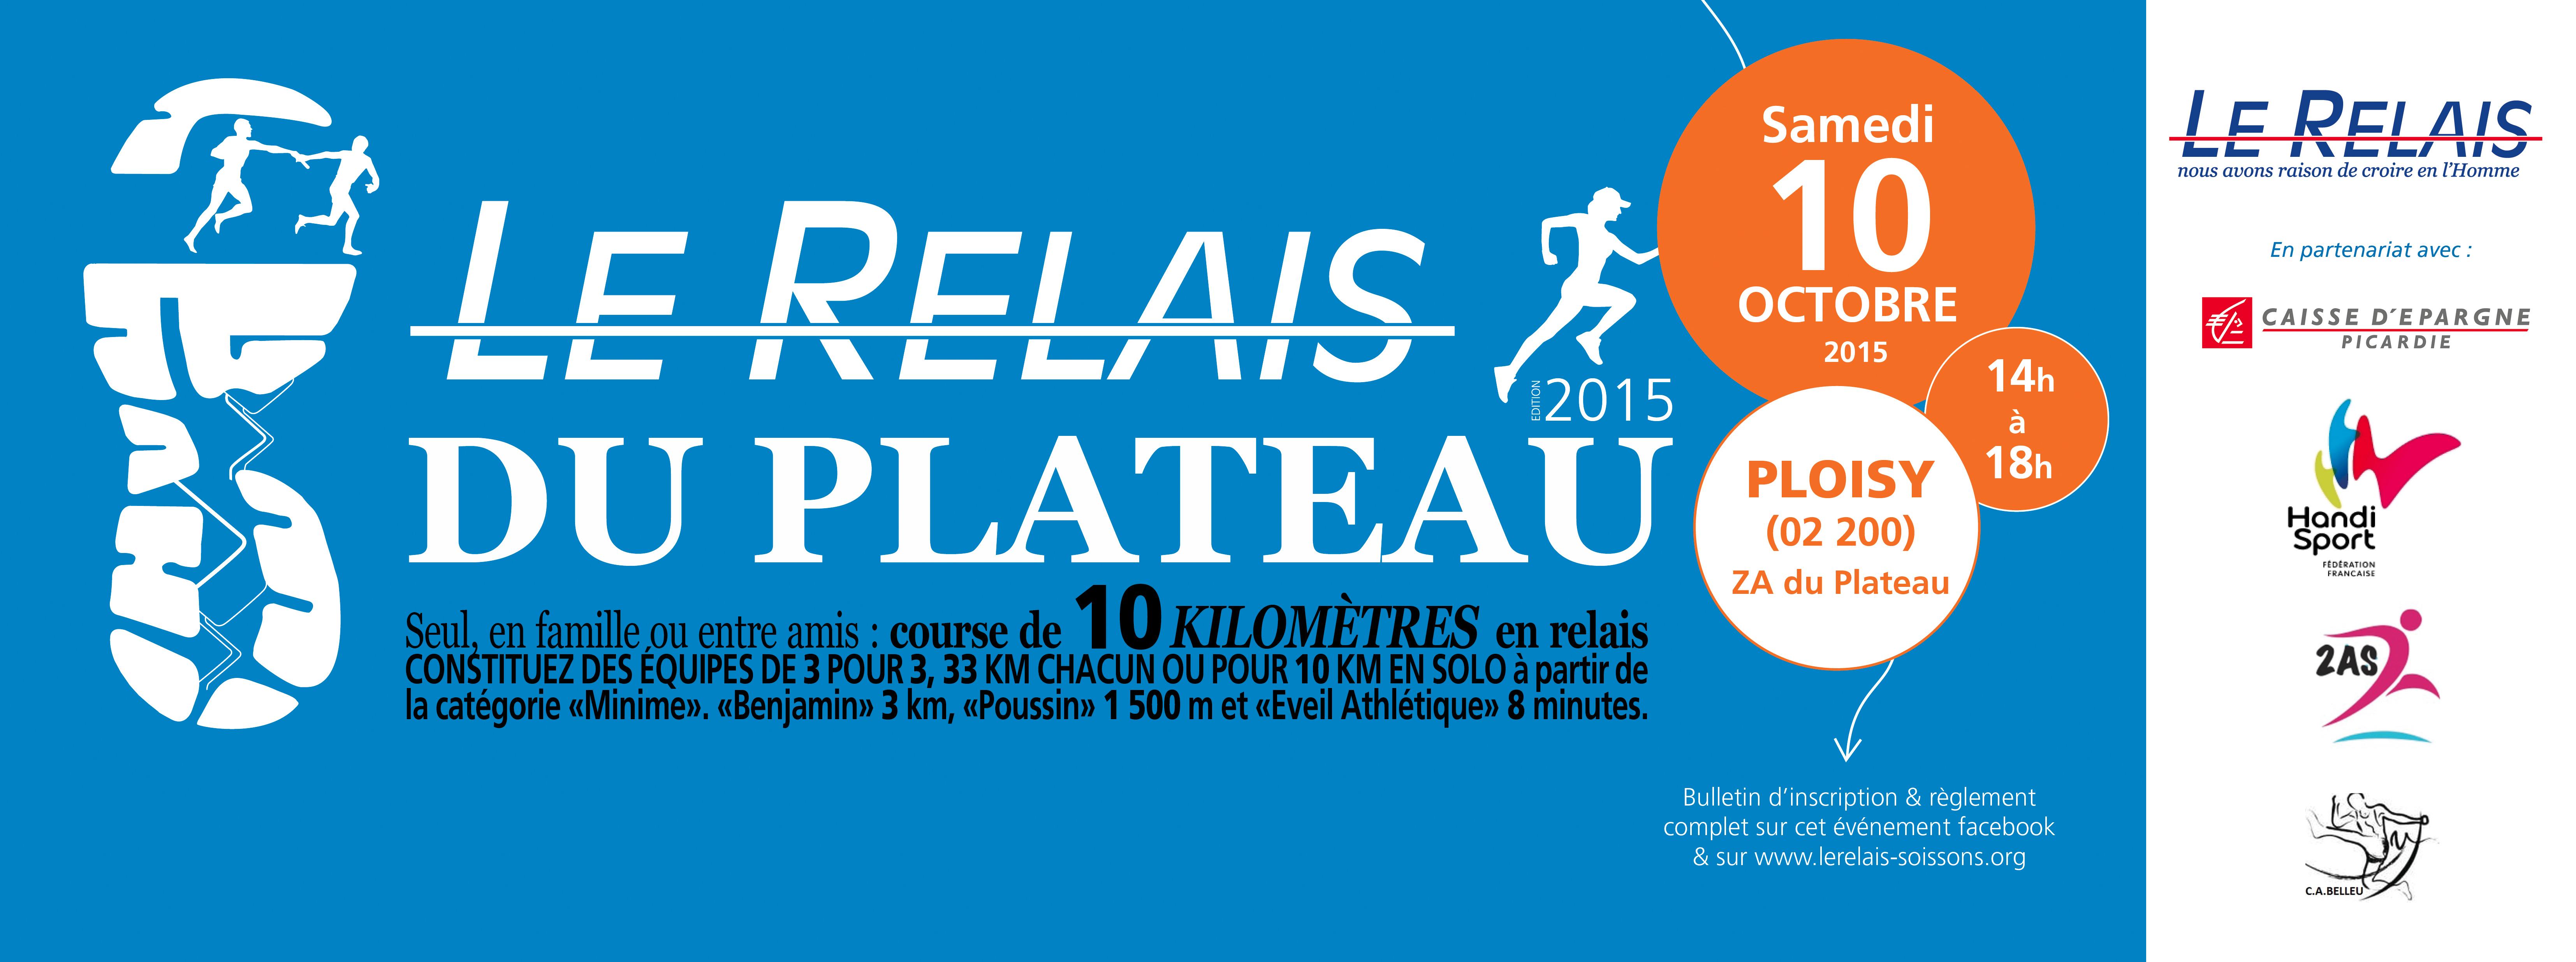 Course 10 Kms : Le Relais du Plateau 2015